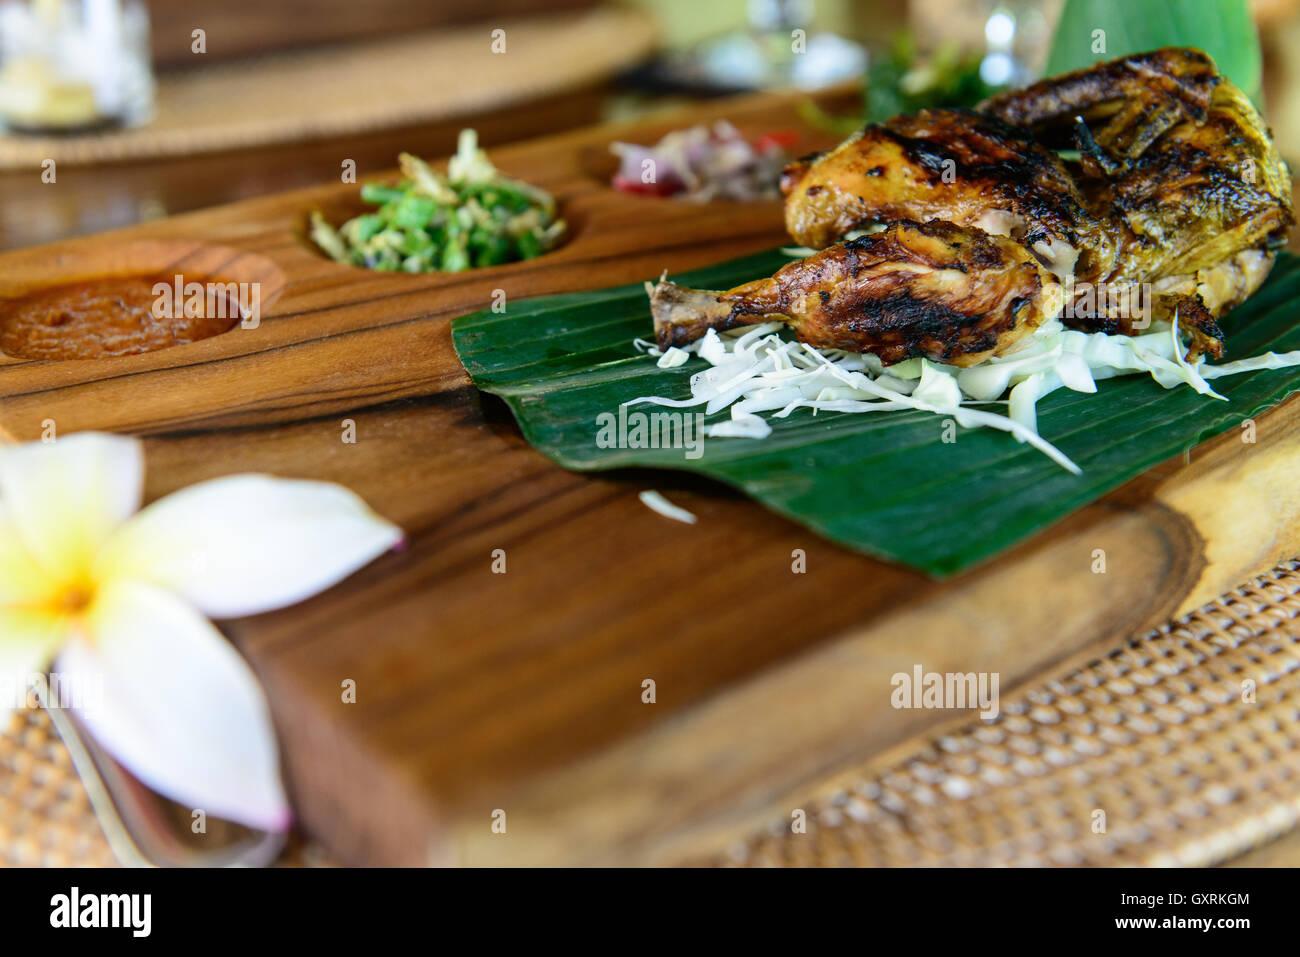 Fleischgericht   meat dish Stock Photo